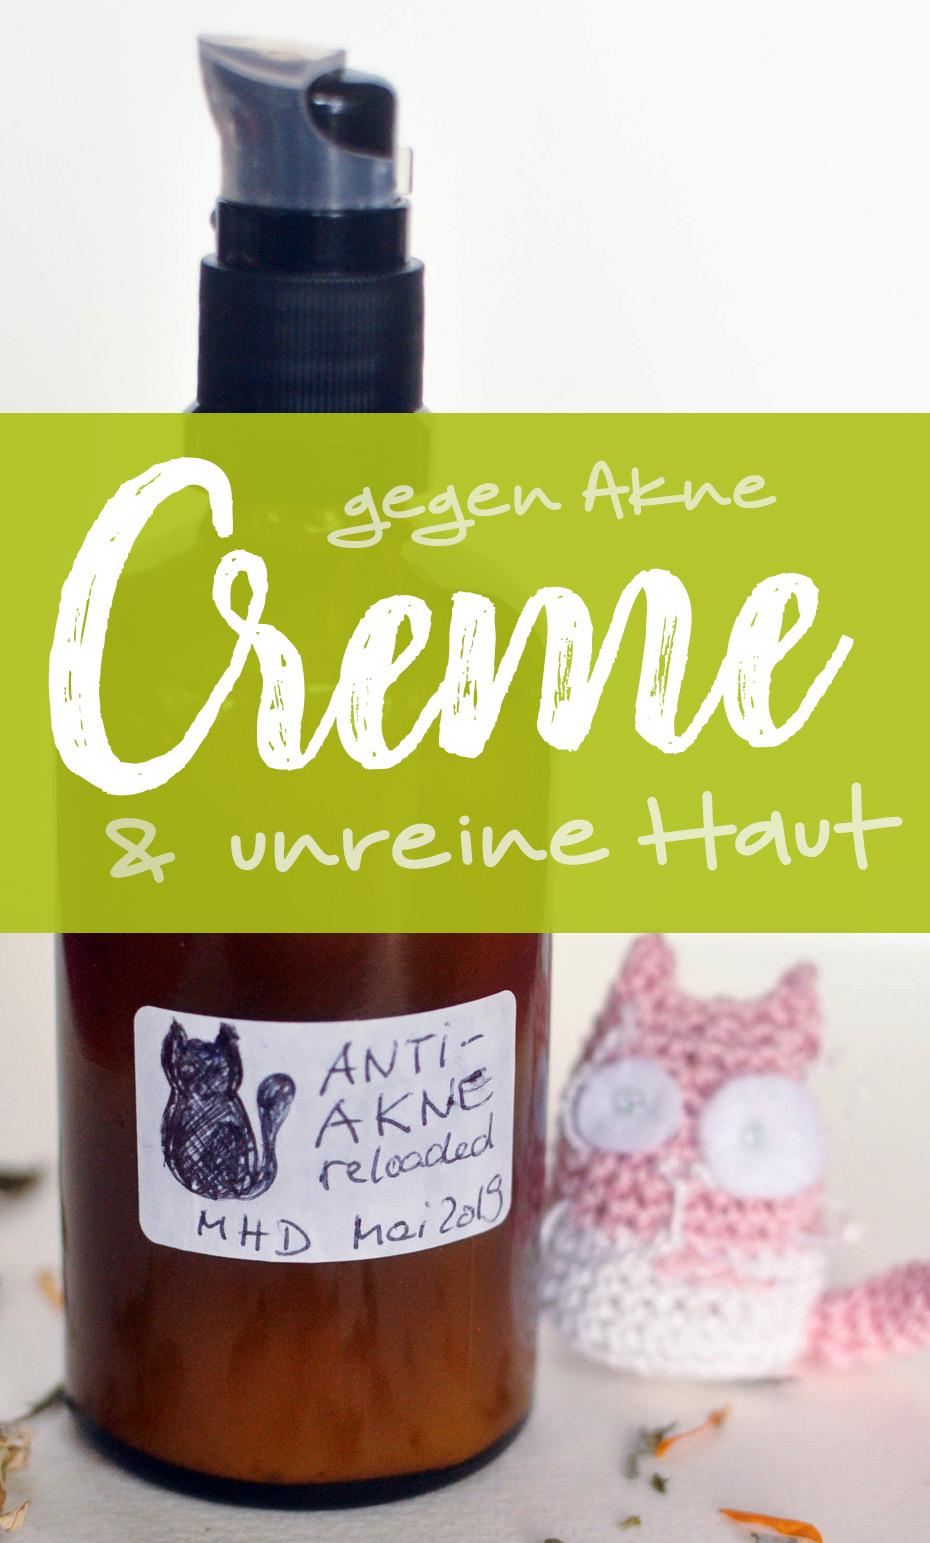 Creme gegen Akne & unreine Haut (überarbeitete Version) | Schwatz Katz